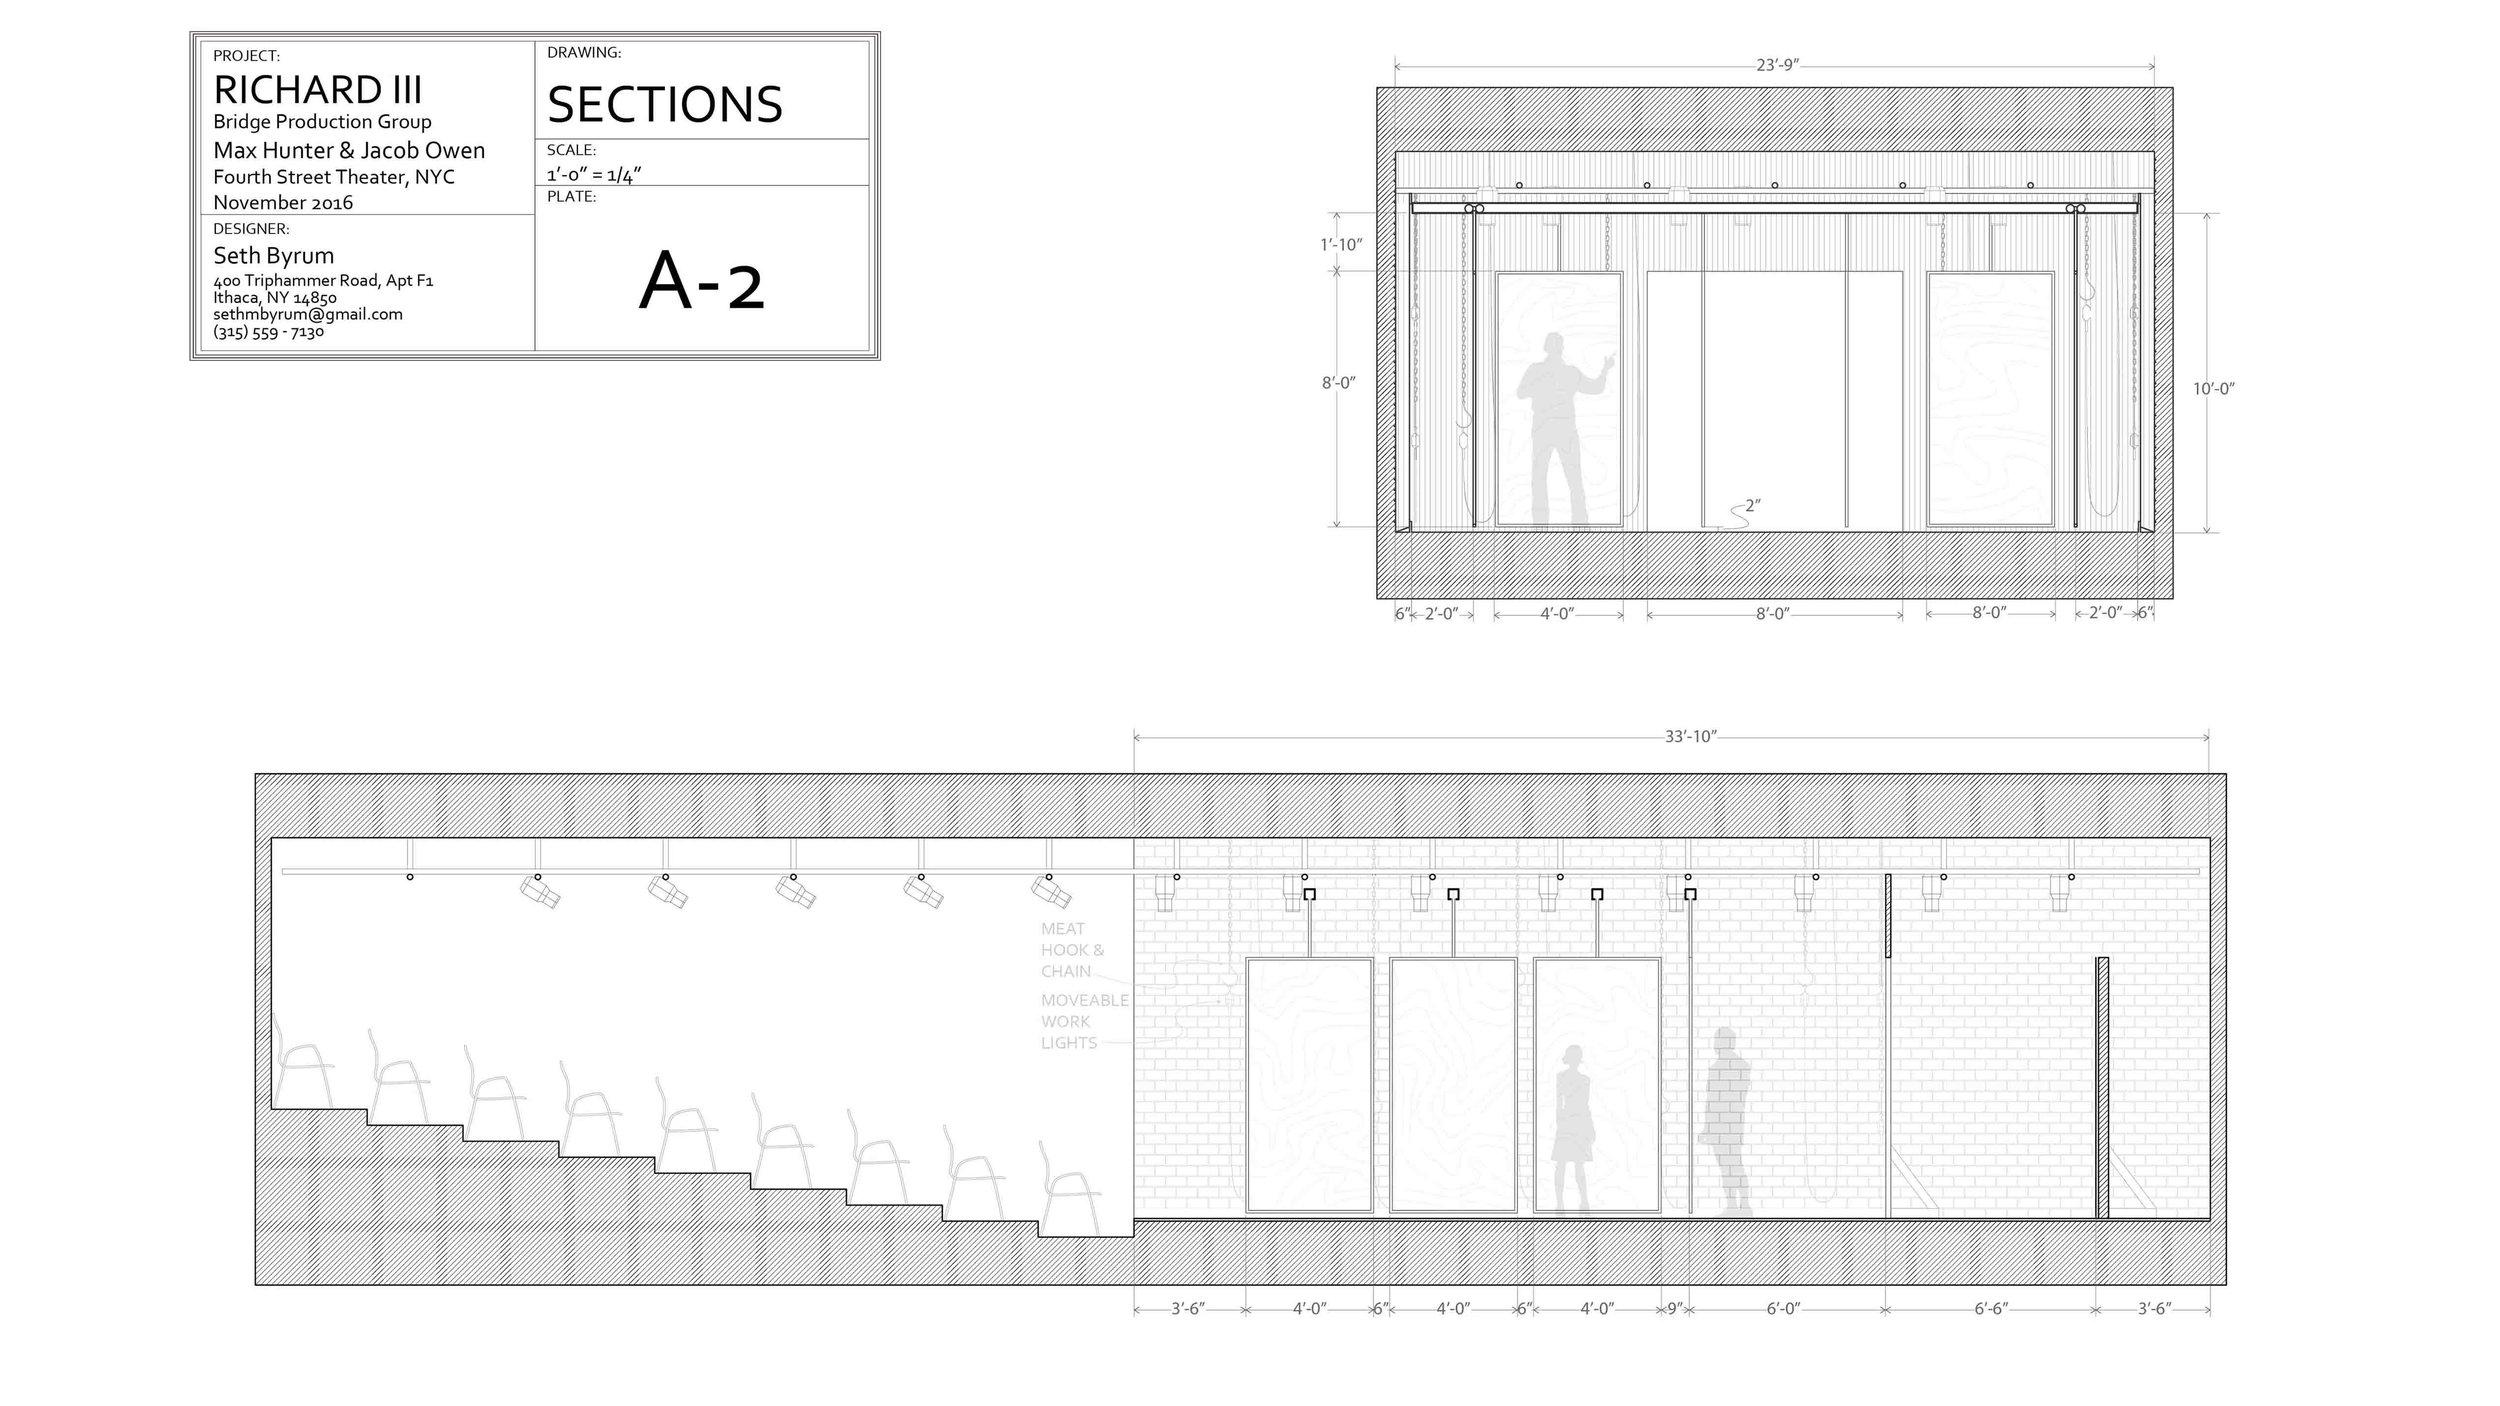 20170115_RICHARDIII_SECTIONS.jpg